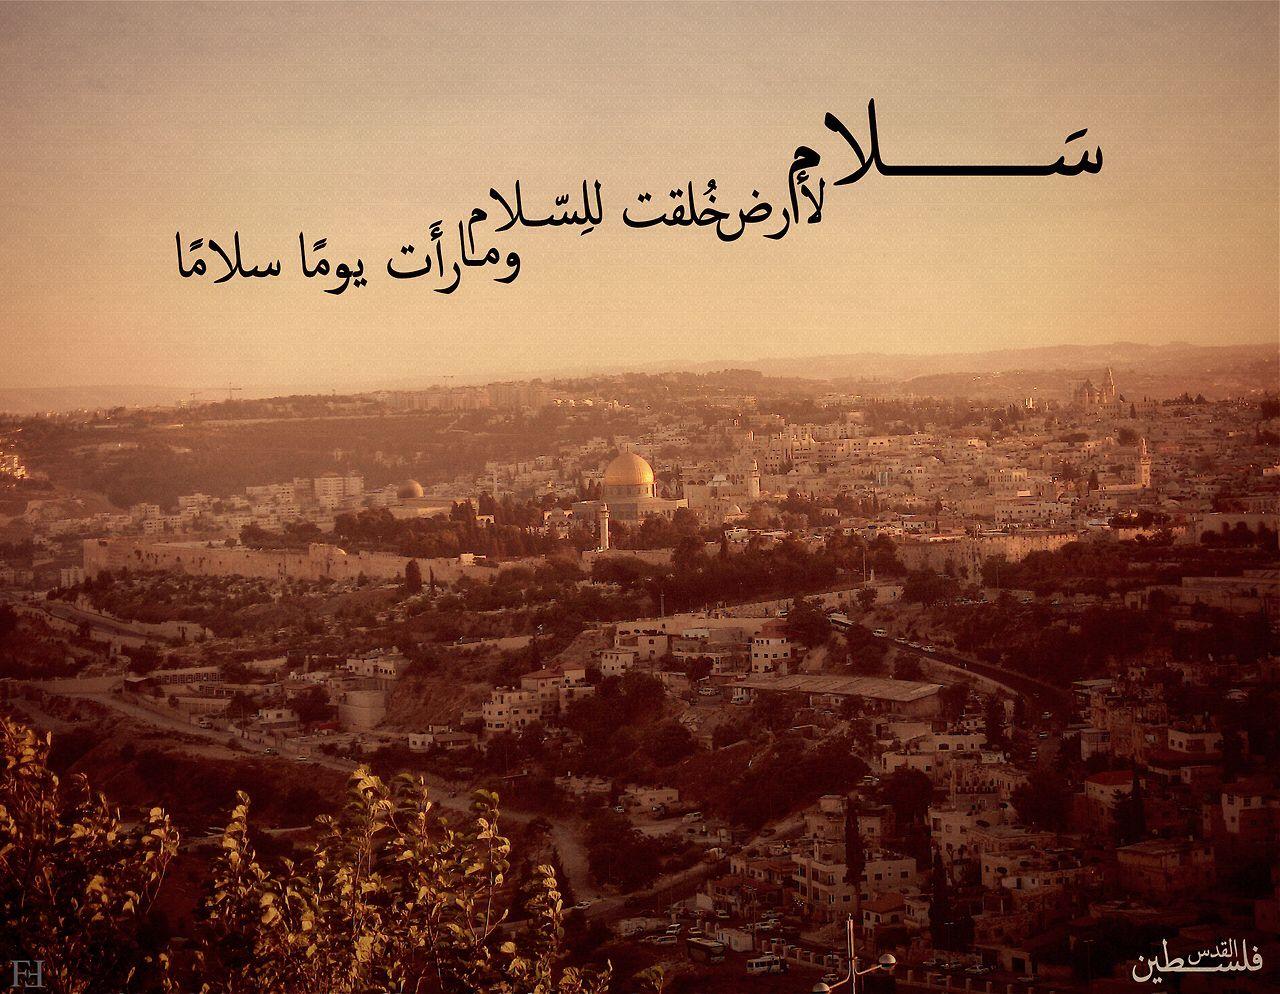 سلام لأرض خلقت للسلام وما رأت يوما سلاما محمود درويش شعر فلسطيني Peace To A Land That Was Created For Peace Palestine Art Spoken Word Poetry Poems Pictures